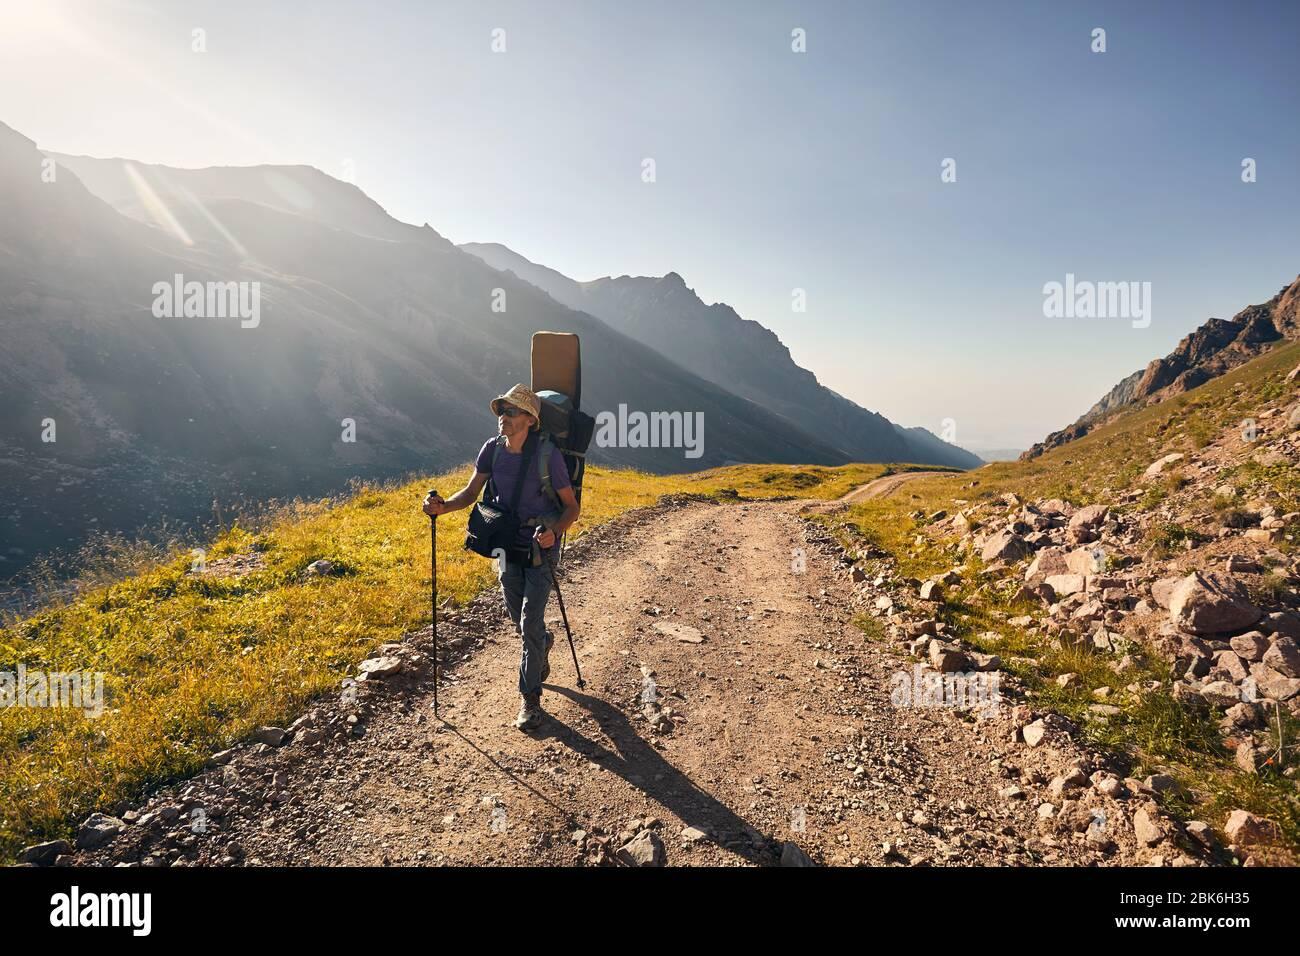 Excursionista con mochila grande es caminando por la carretera con espectaculares montañas en segundo plano Foto de stock